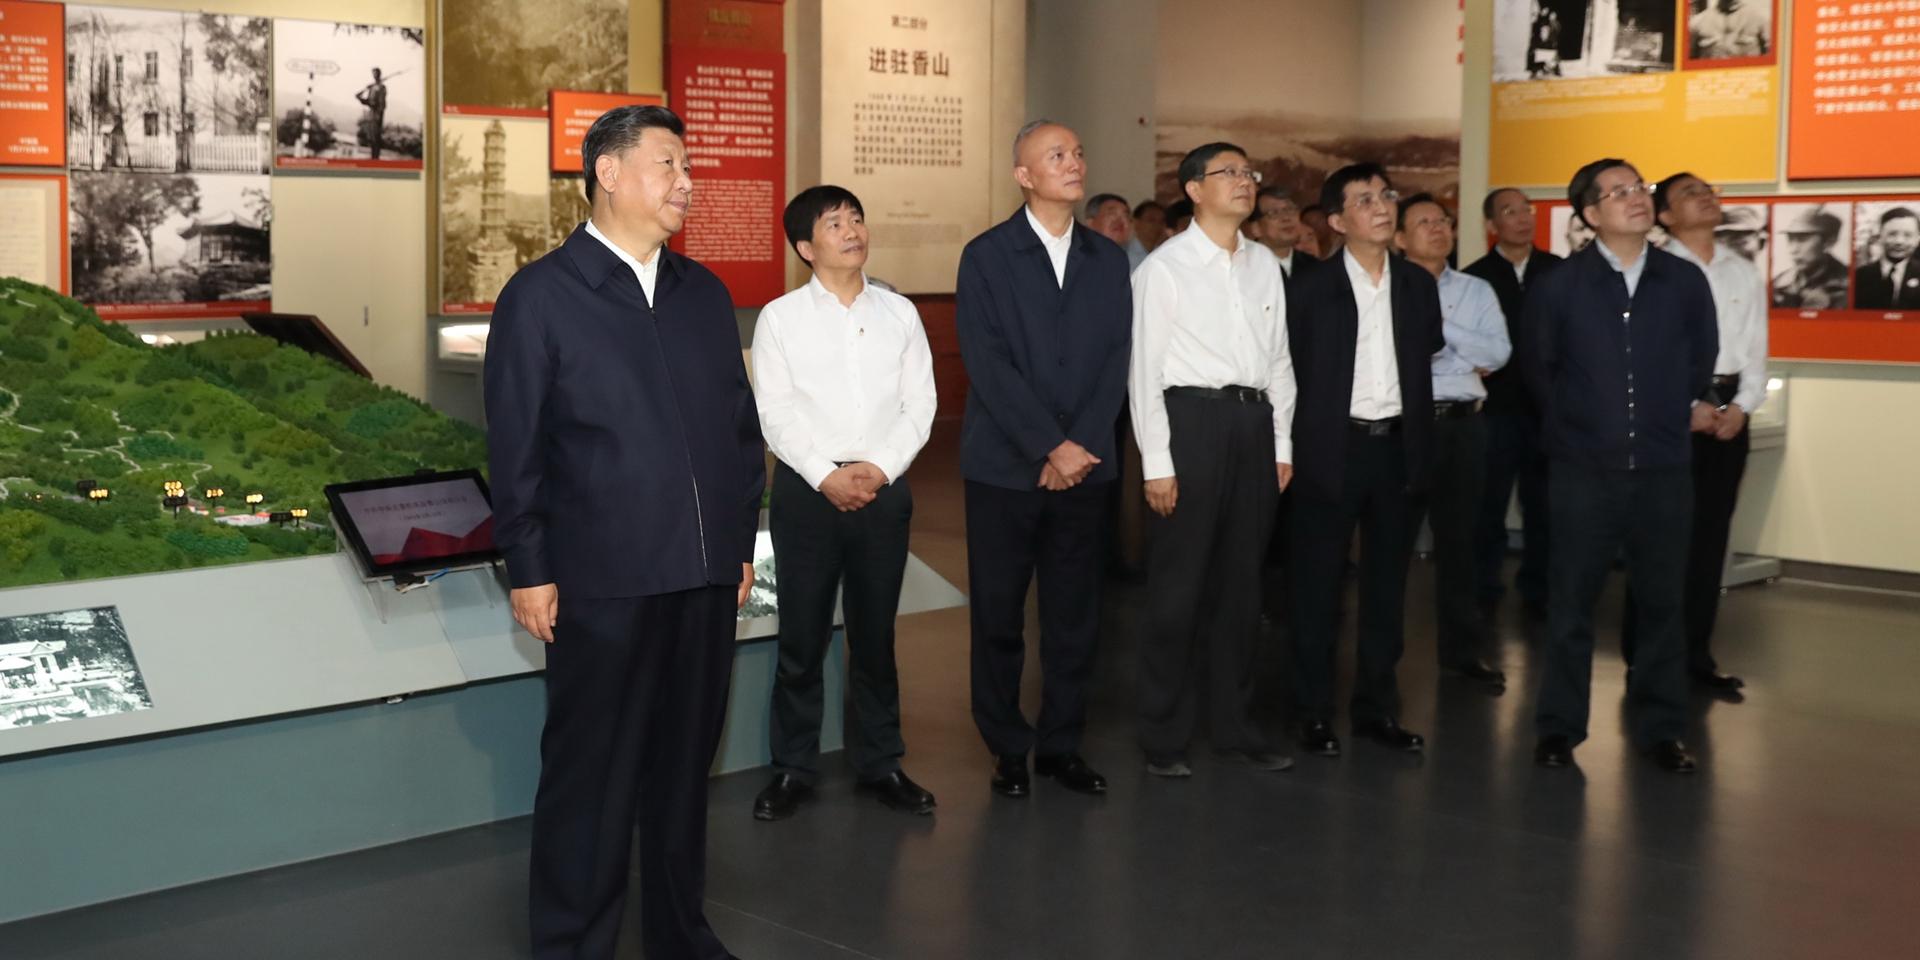 展望未来,中国的发展前景无限美好。